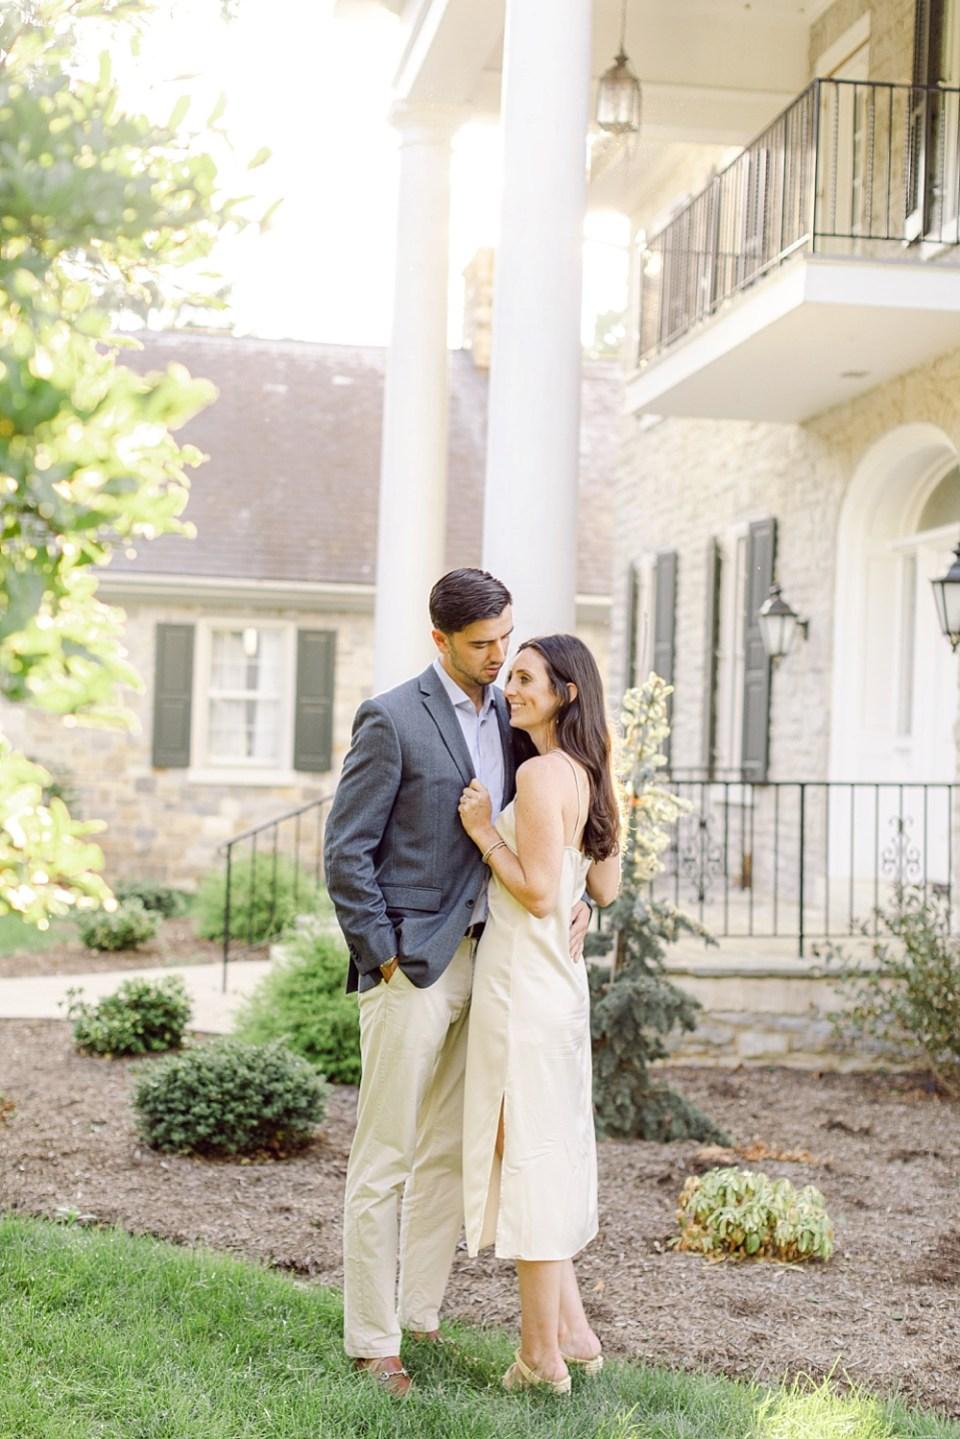 lancaster pennsylvania engagement photos | sarah canning photography